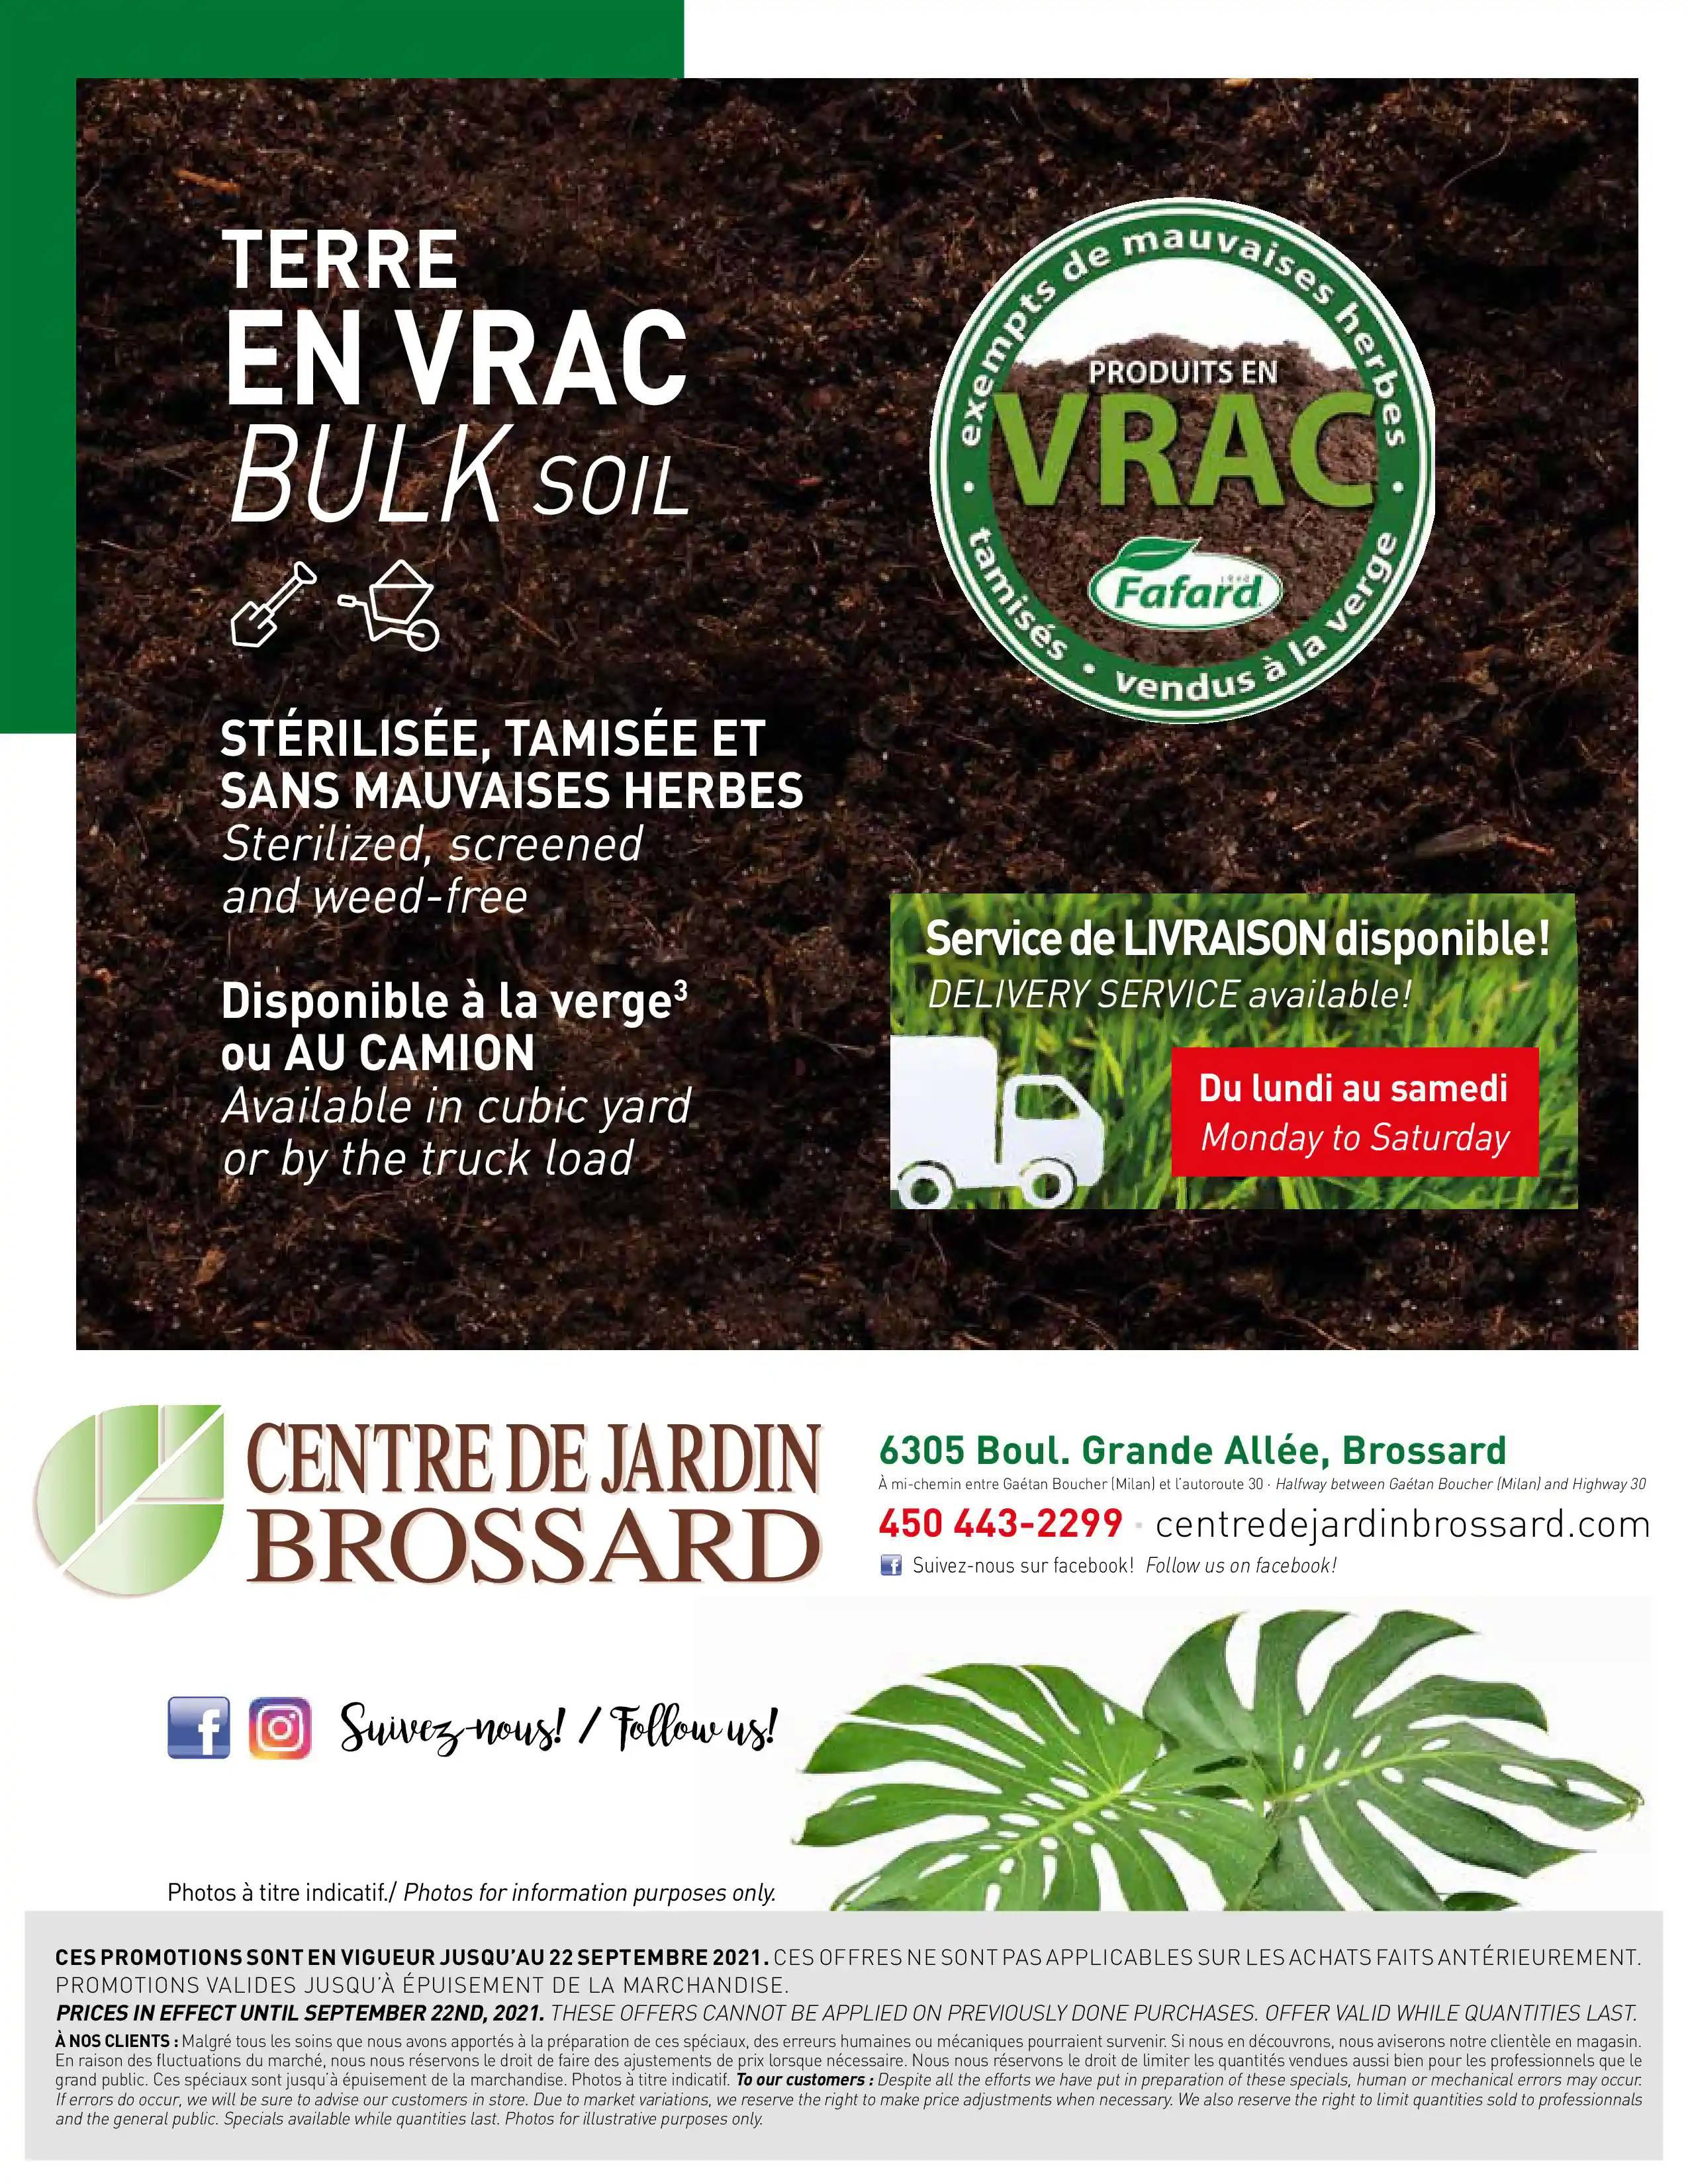 Circulaire Centre de Jardin Brossard du  9 au 22 septembre 2021 - Page 8